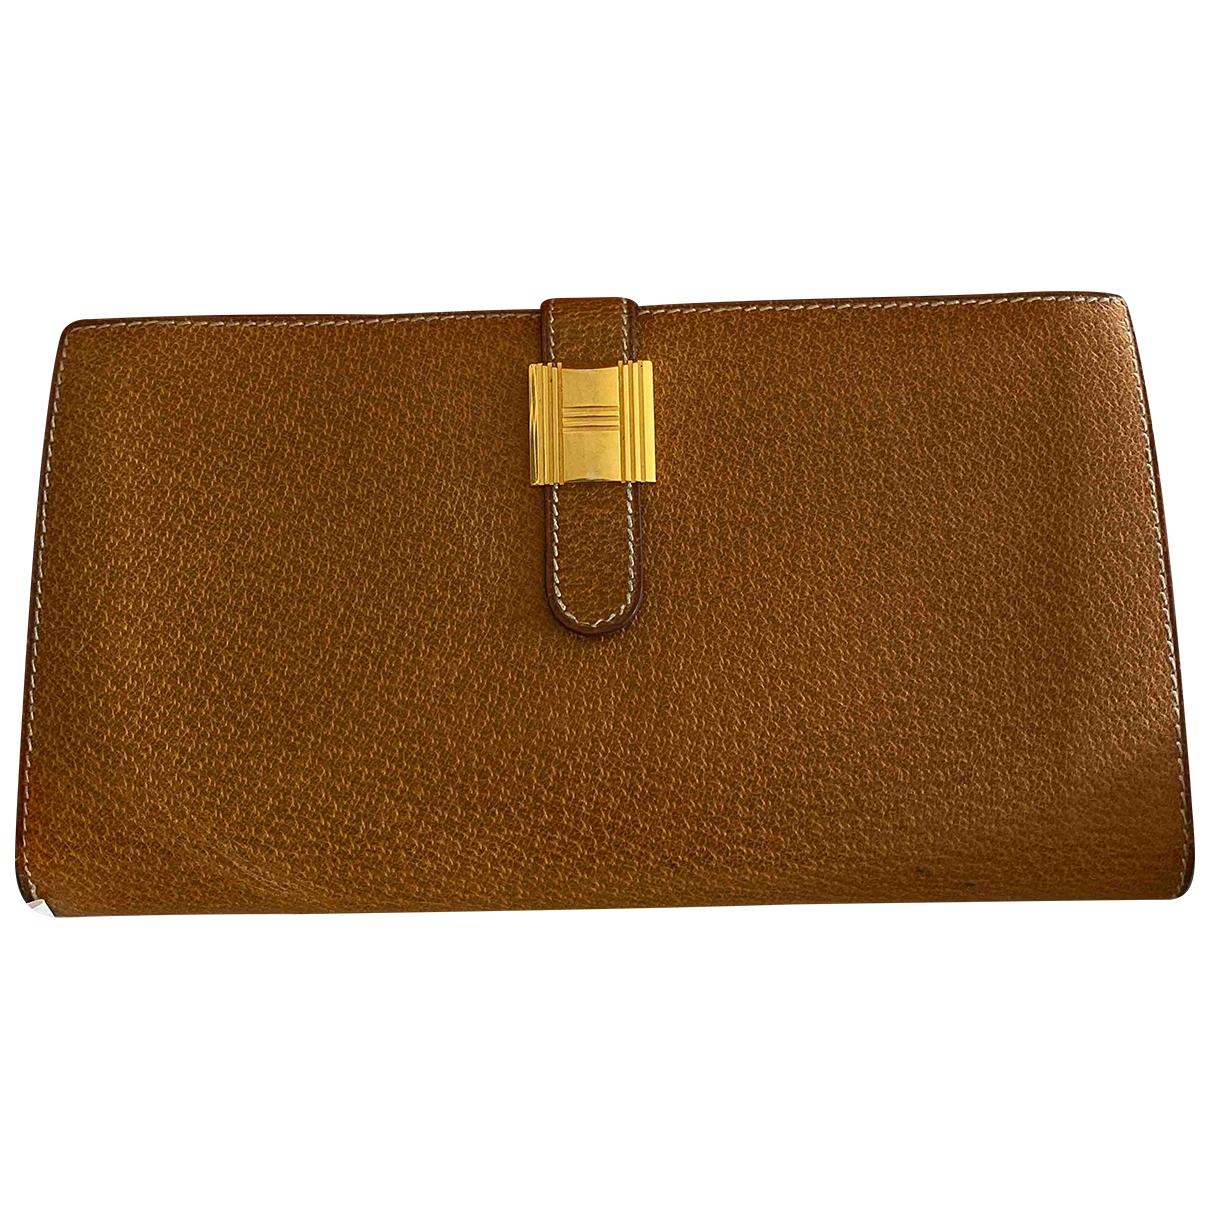 Hermès \N Brown Leather wallet for Women \N